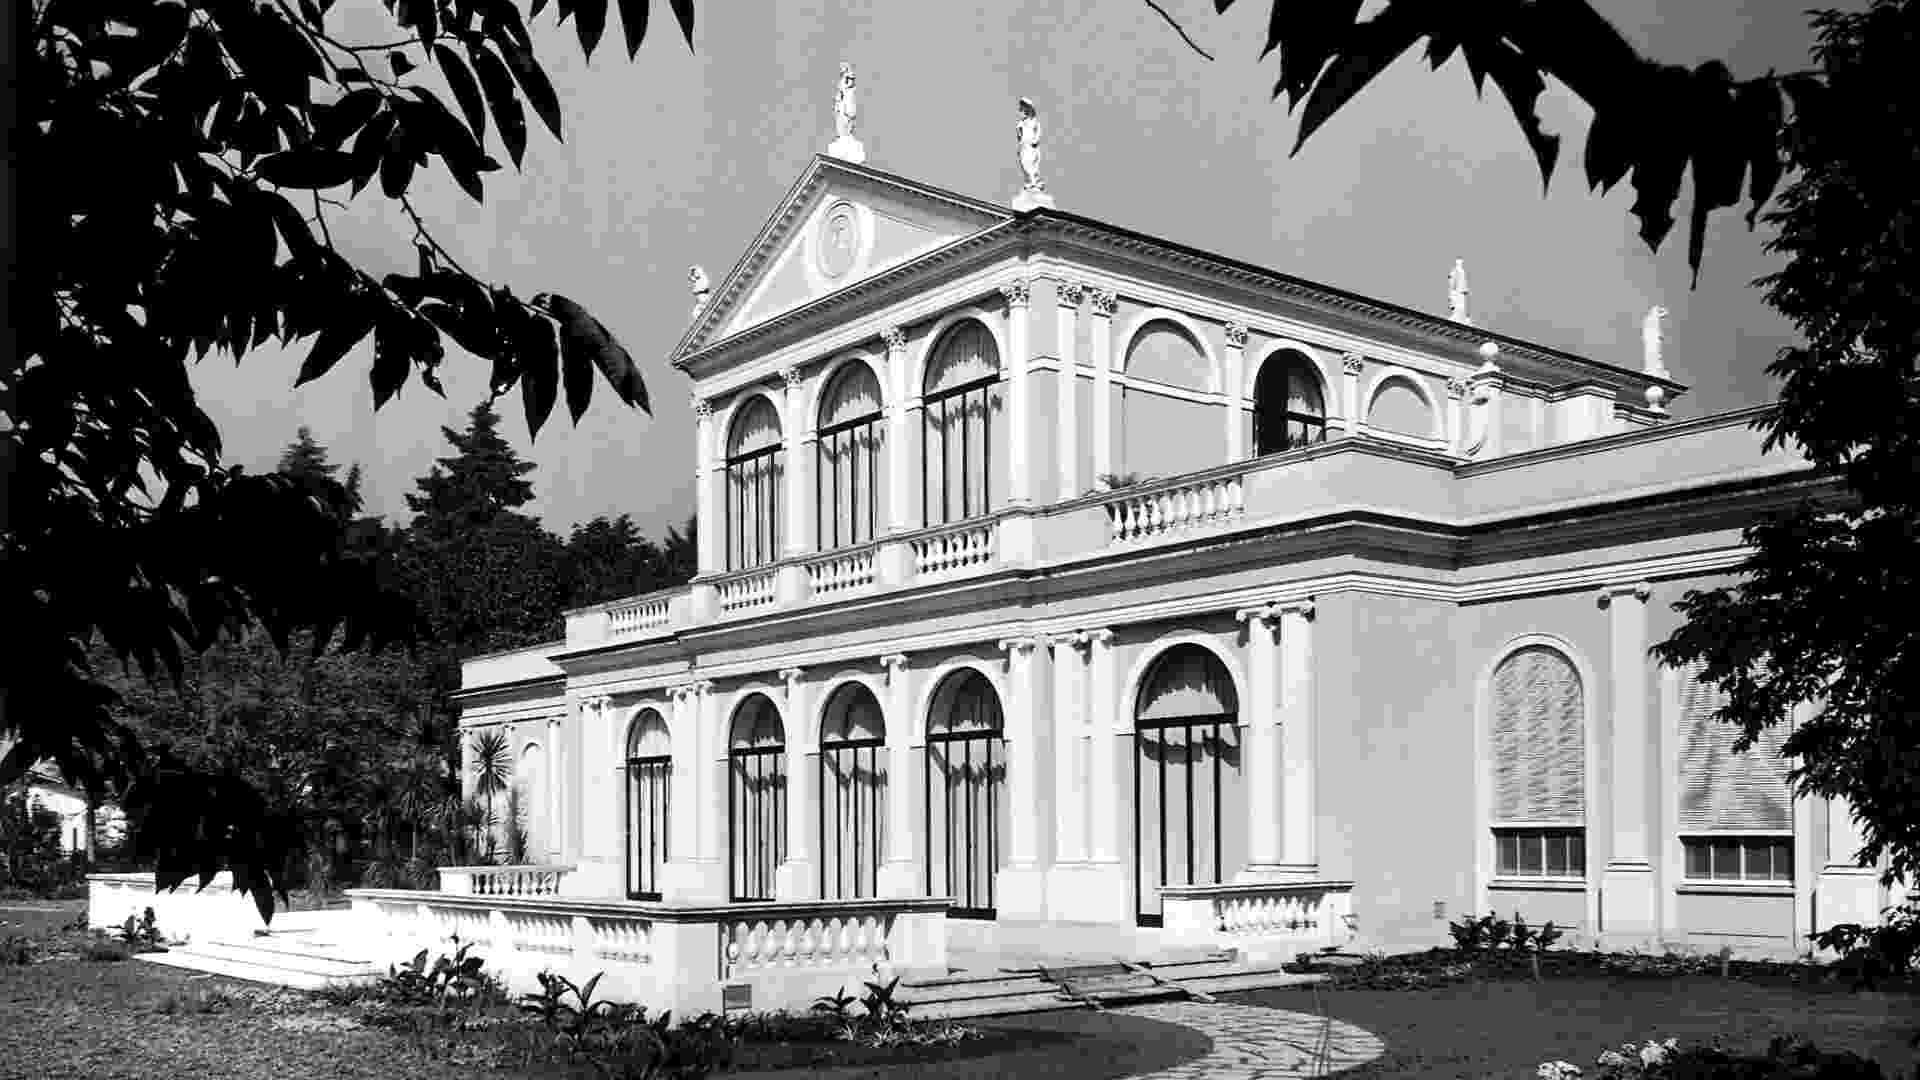 Foto registra a fachada do Solar Fábio Prado, na década de 1950, hoje sede do Museu da Casa Brasileira, em São Paulo - Acervo MCB/ Divulgação